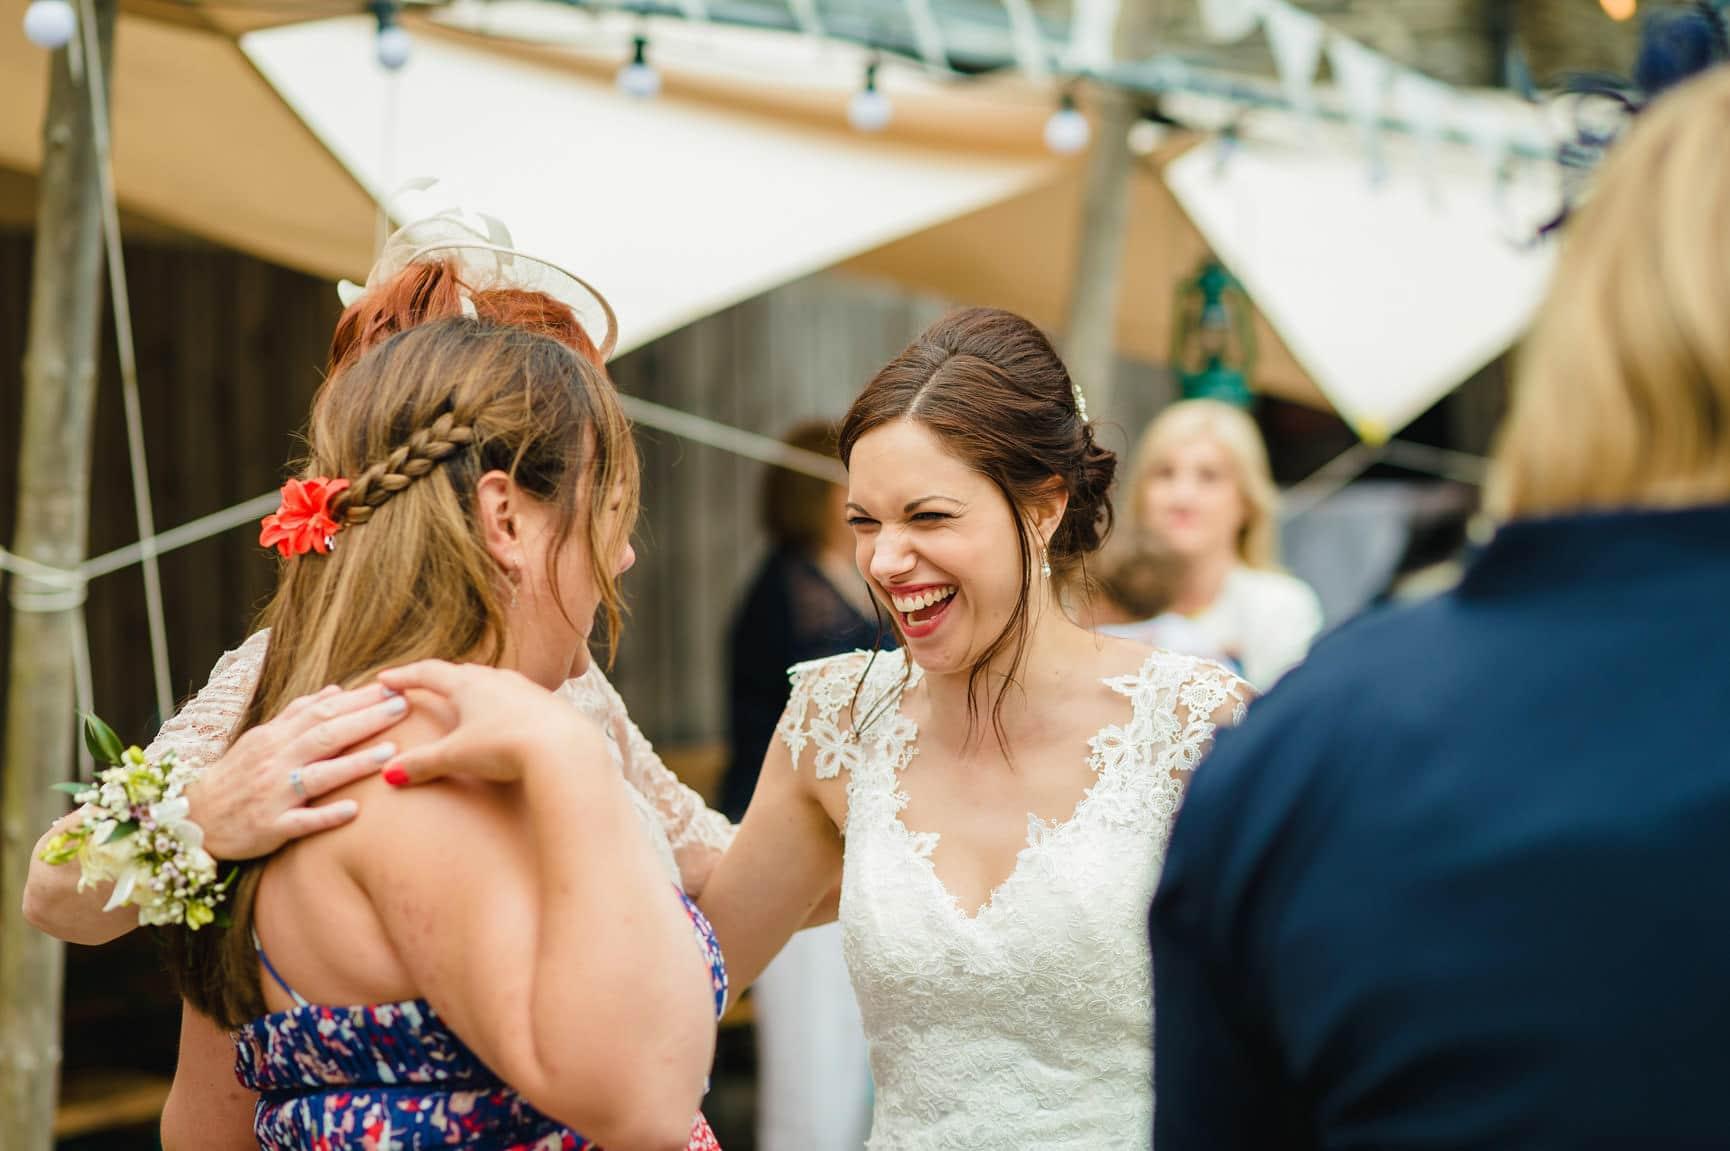 Fforest Wedding, Cardigan, Wales - Lauren and Gareth 167